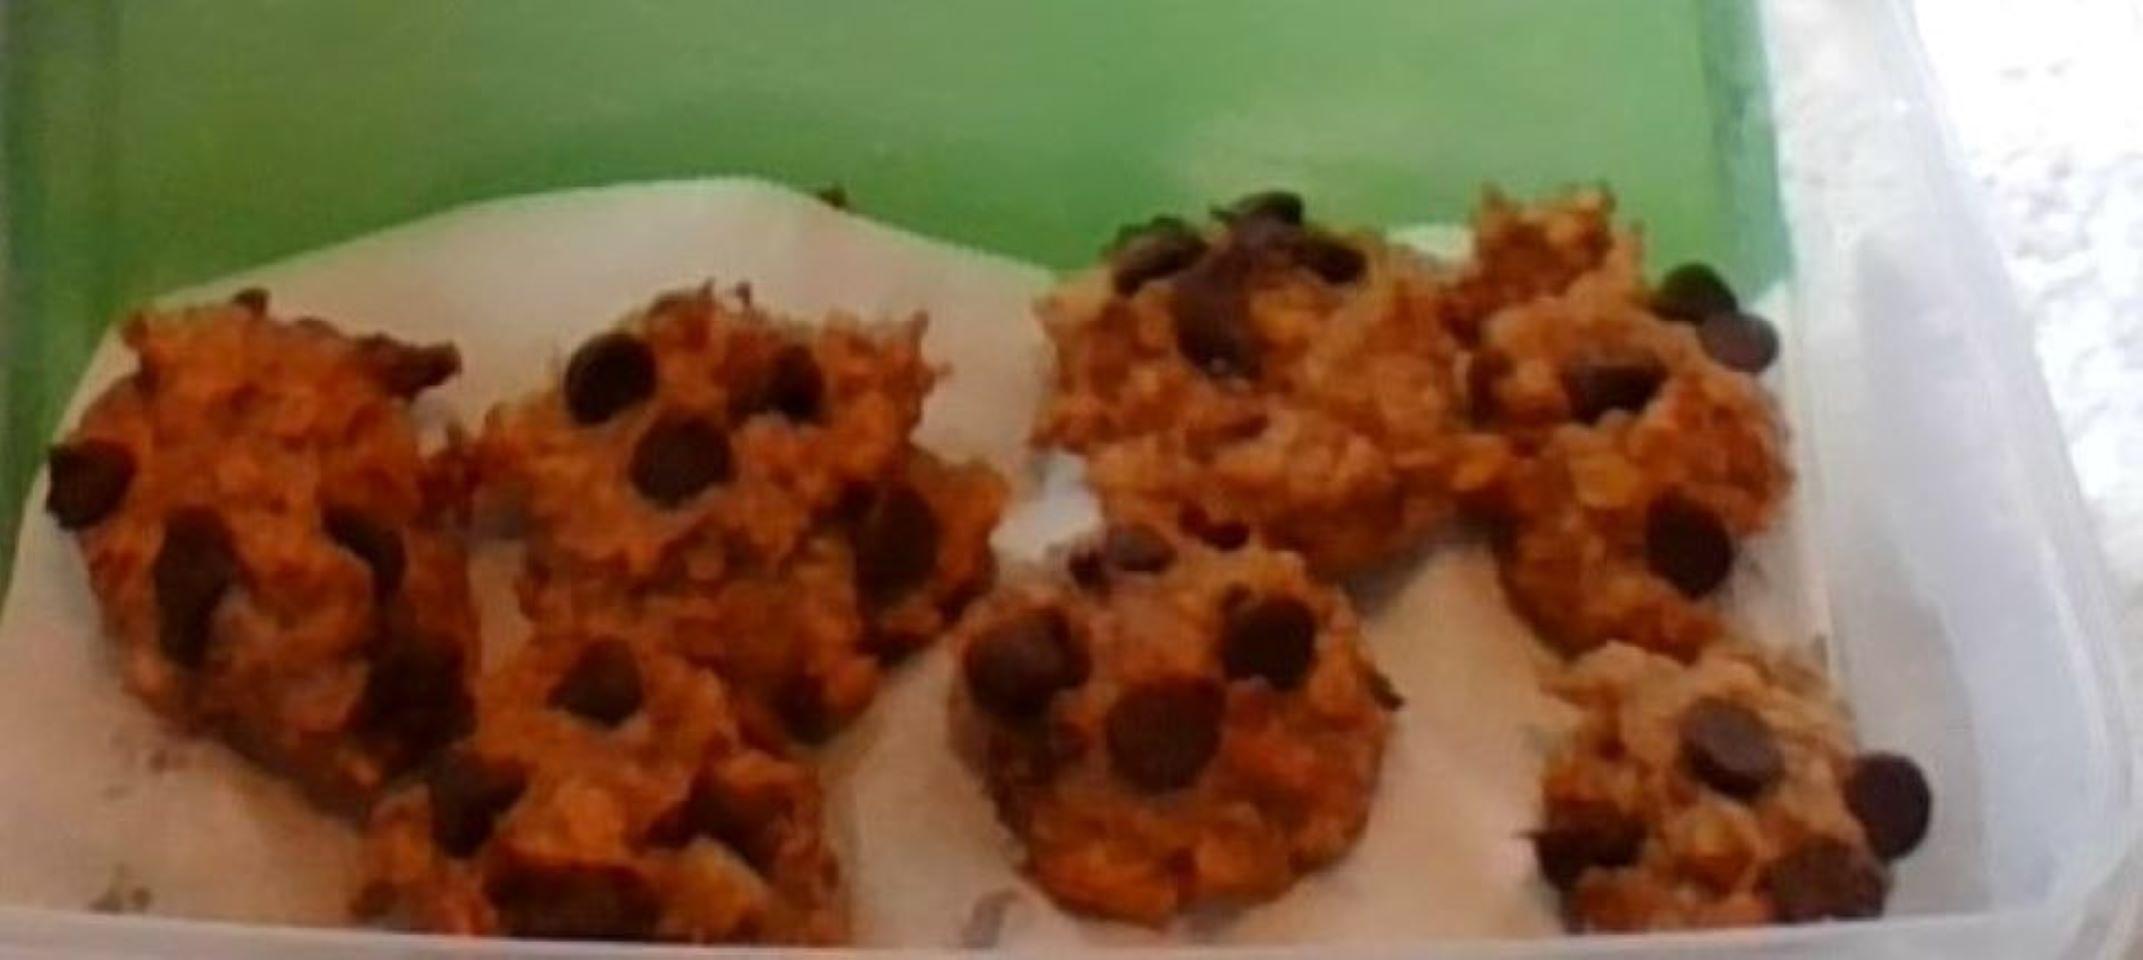 Easy Peanut Butter Protein Cookies Rachel C